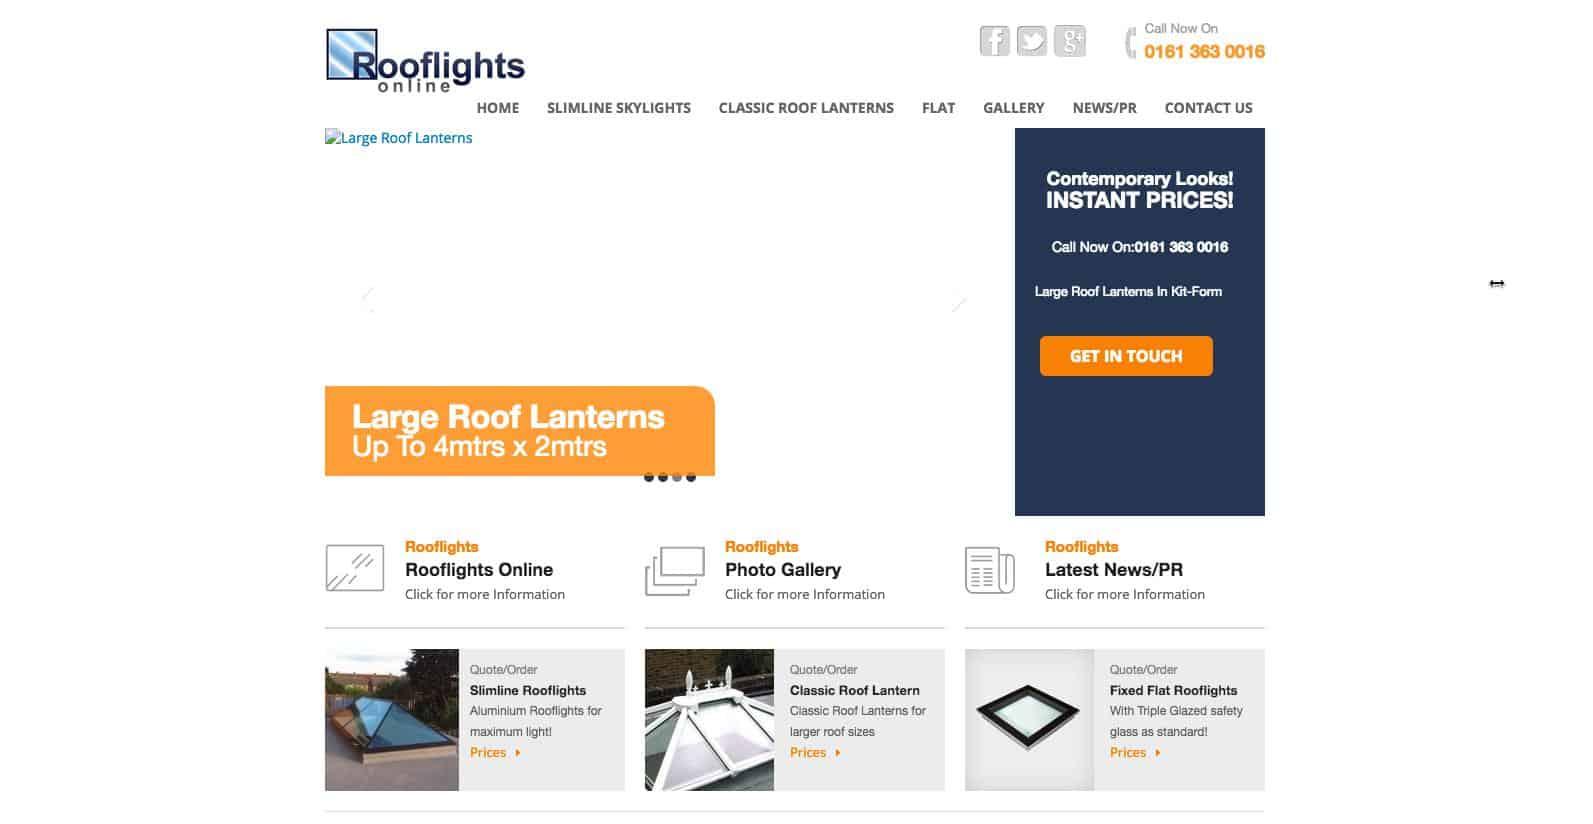 Rooflights Online